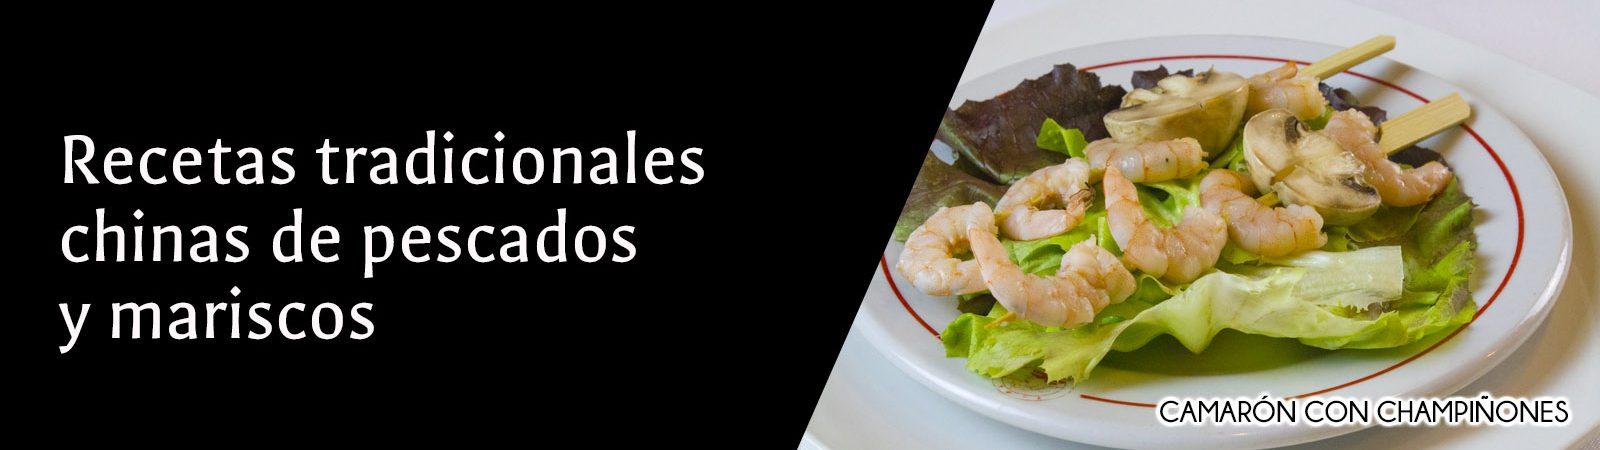 06-parquechina-menu-PESCADOS